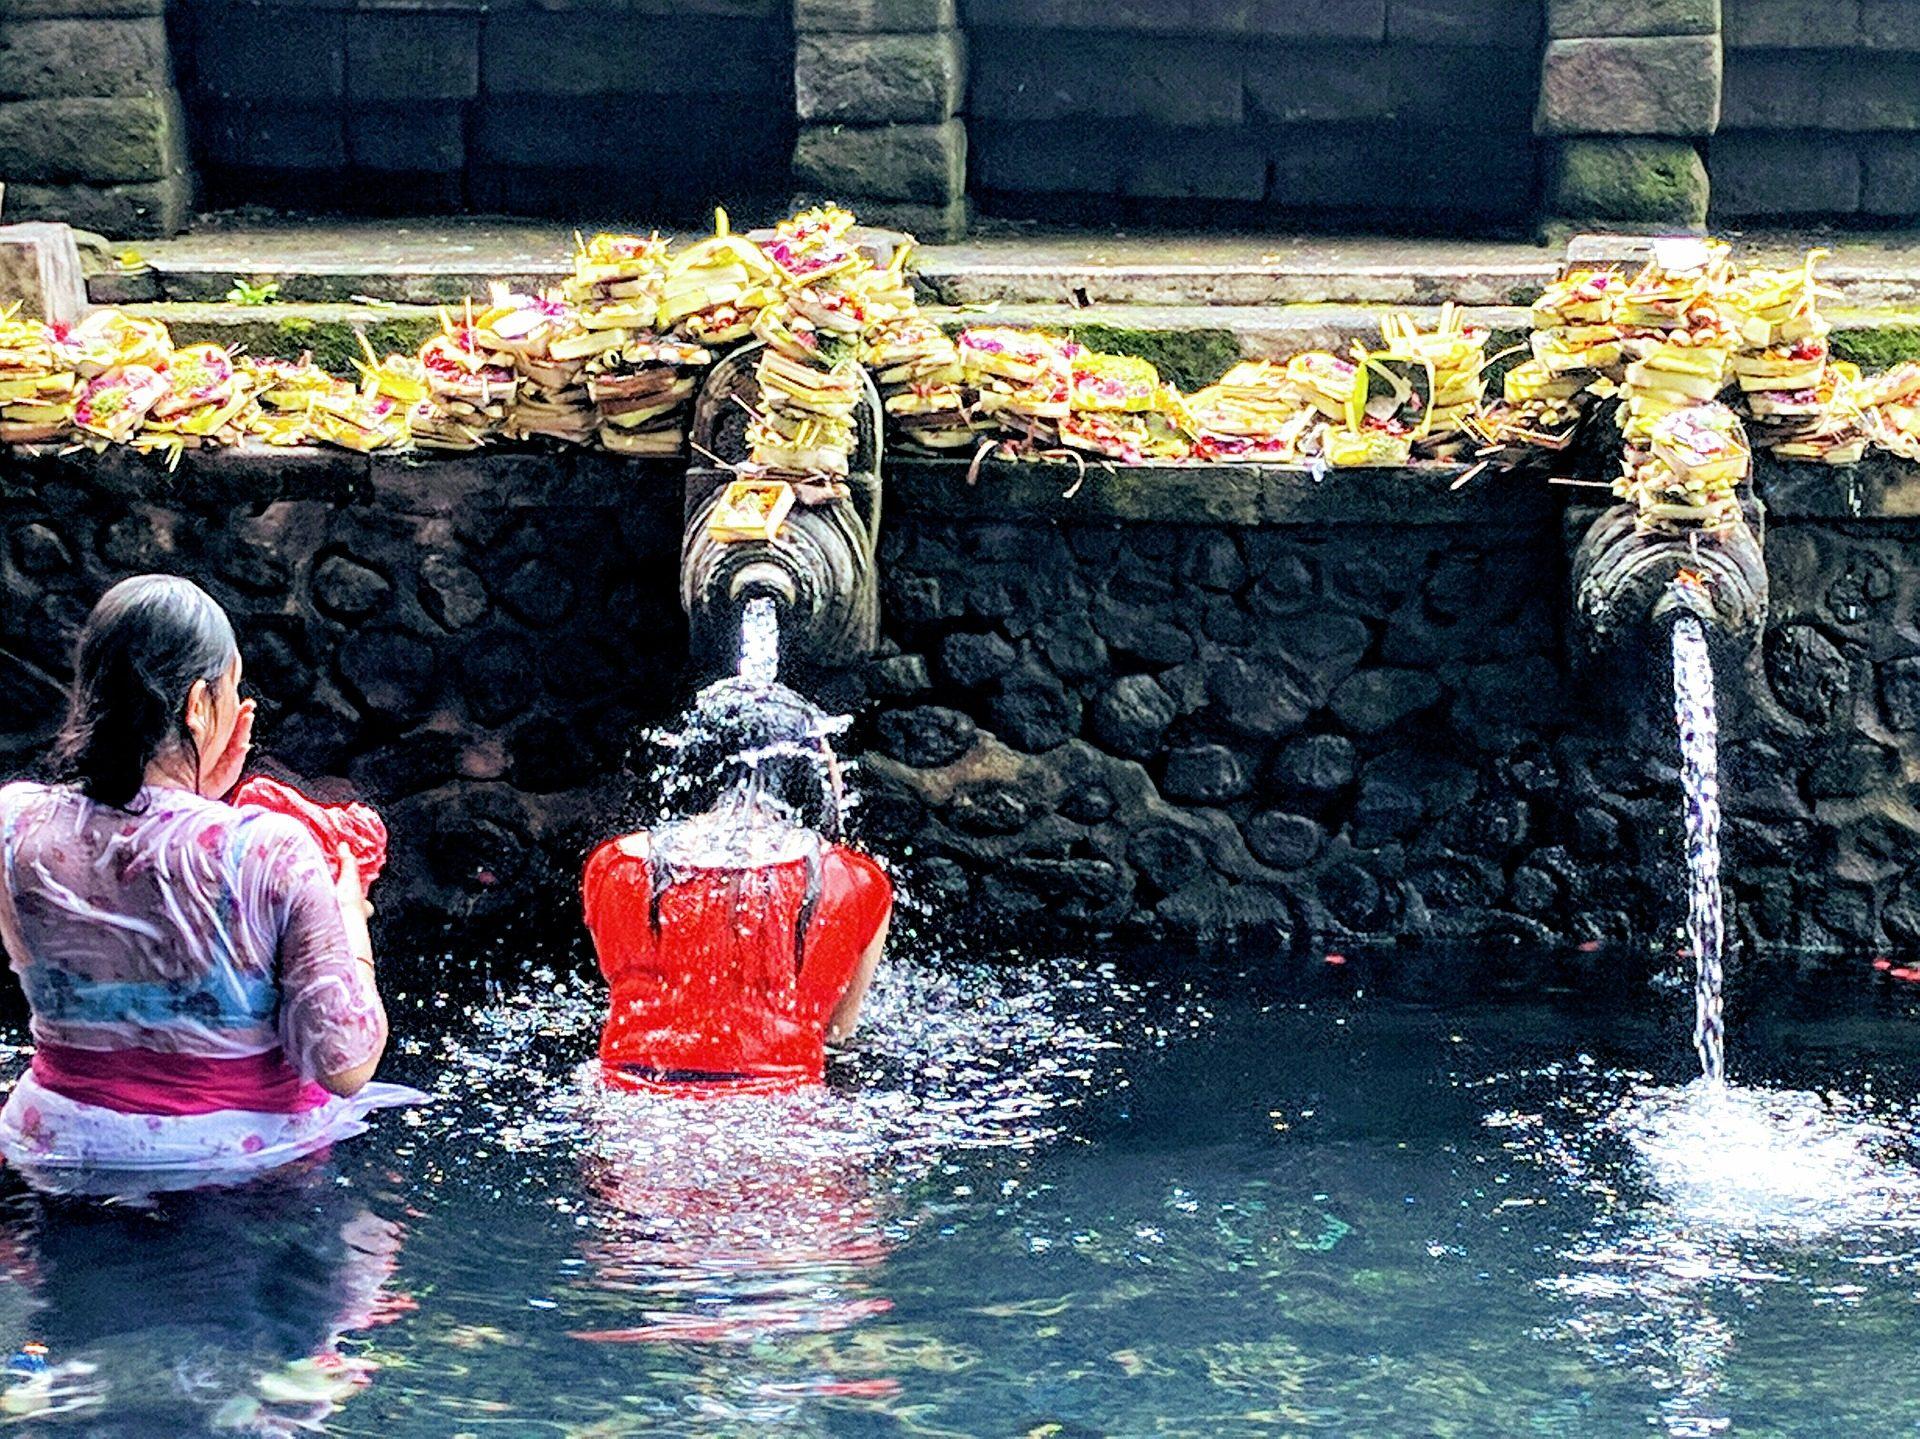 Temple, salle de bain, eau, Pura tirta empul, Bali, hindú - Fonds d'écran HD - Professor-falken.com